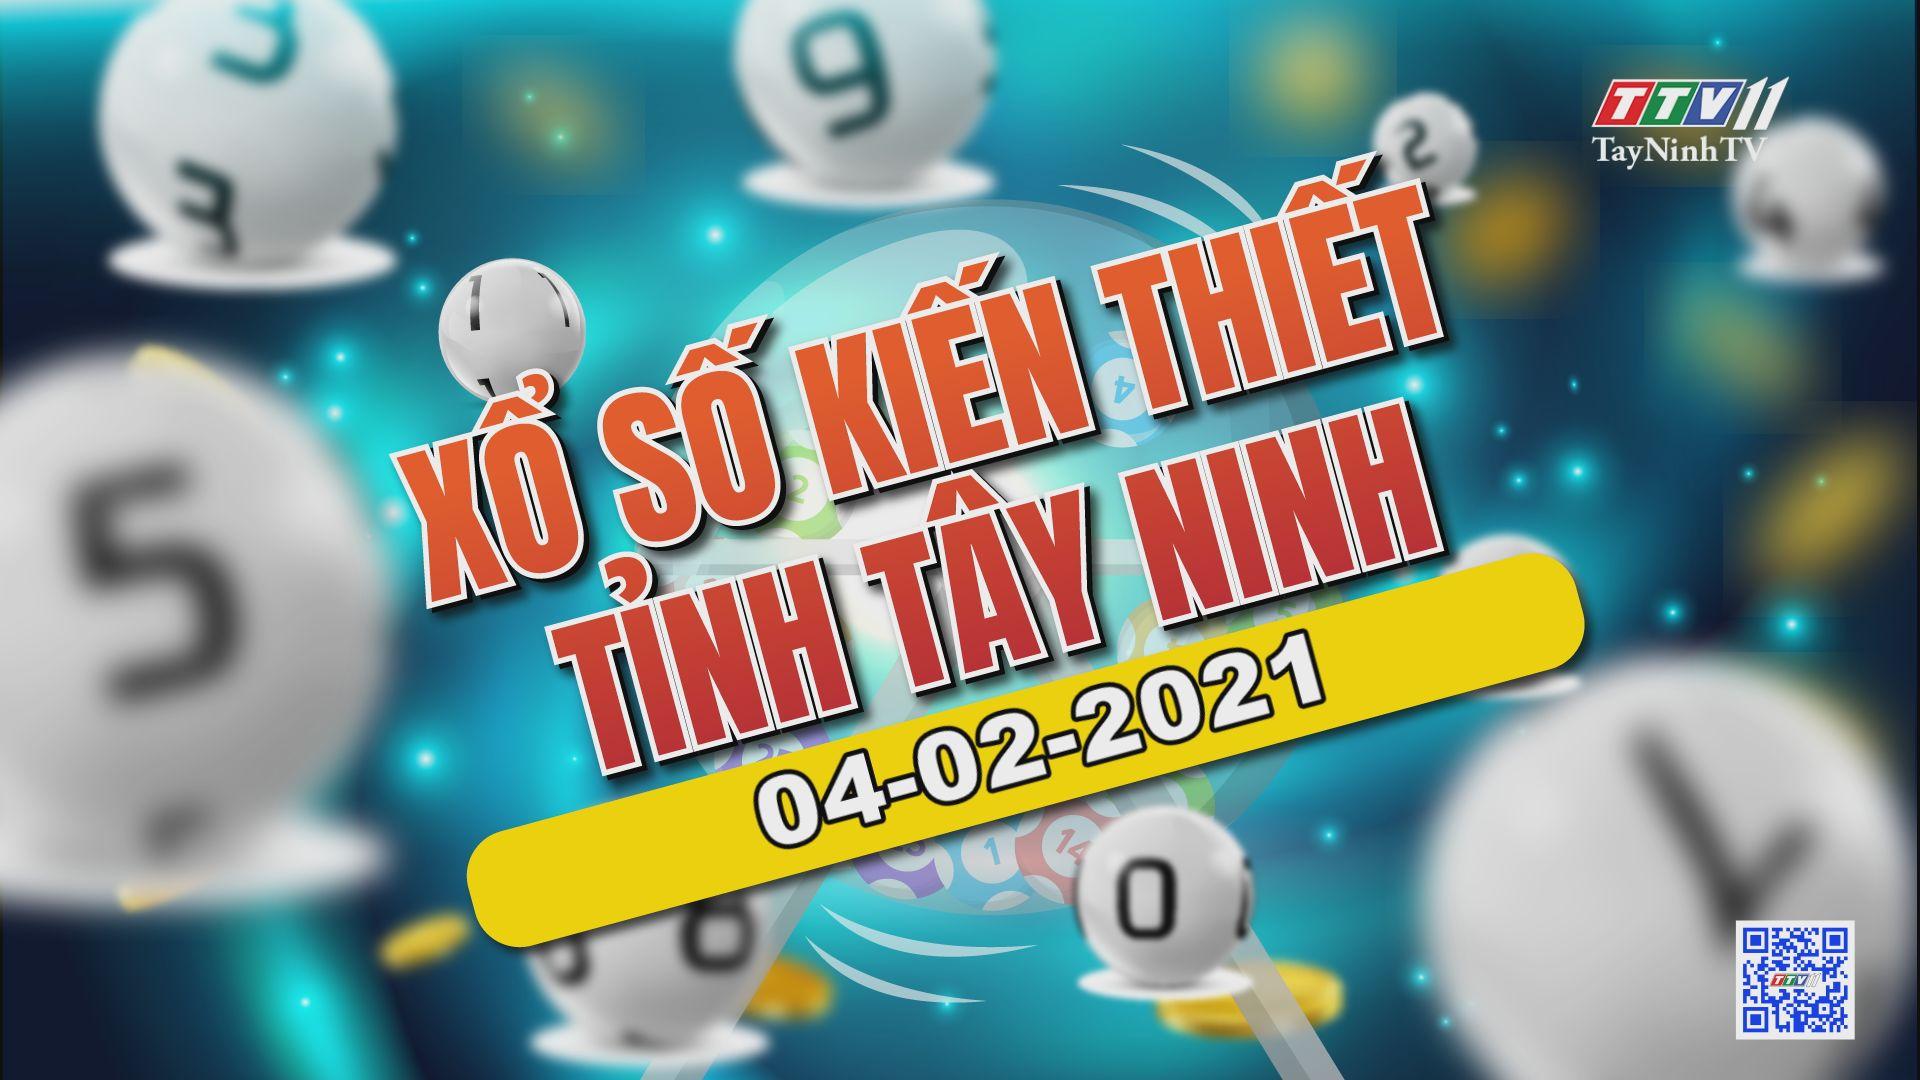 Trực tiếp Xổ số Tây Ninh ngày 04-02-2021 | TayNinhTVE